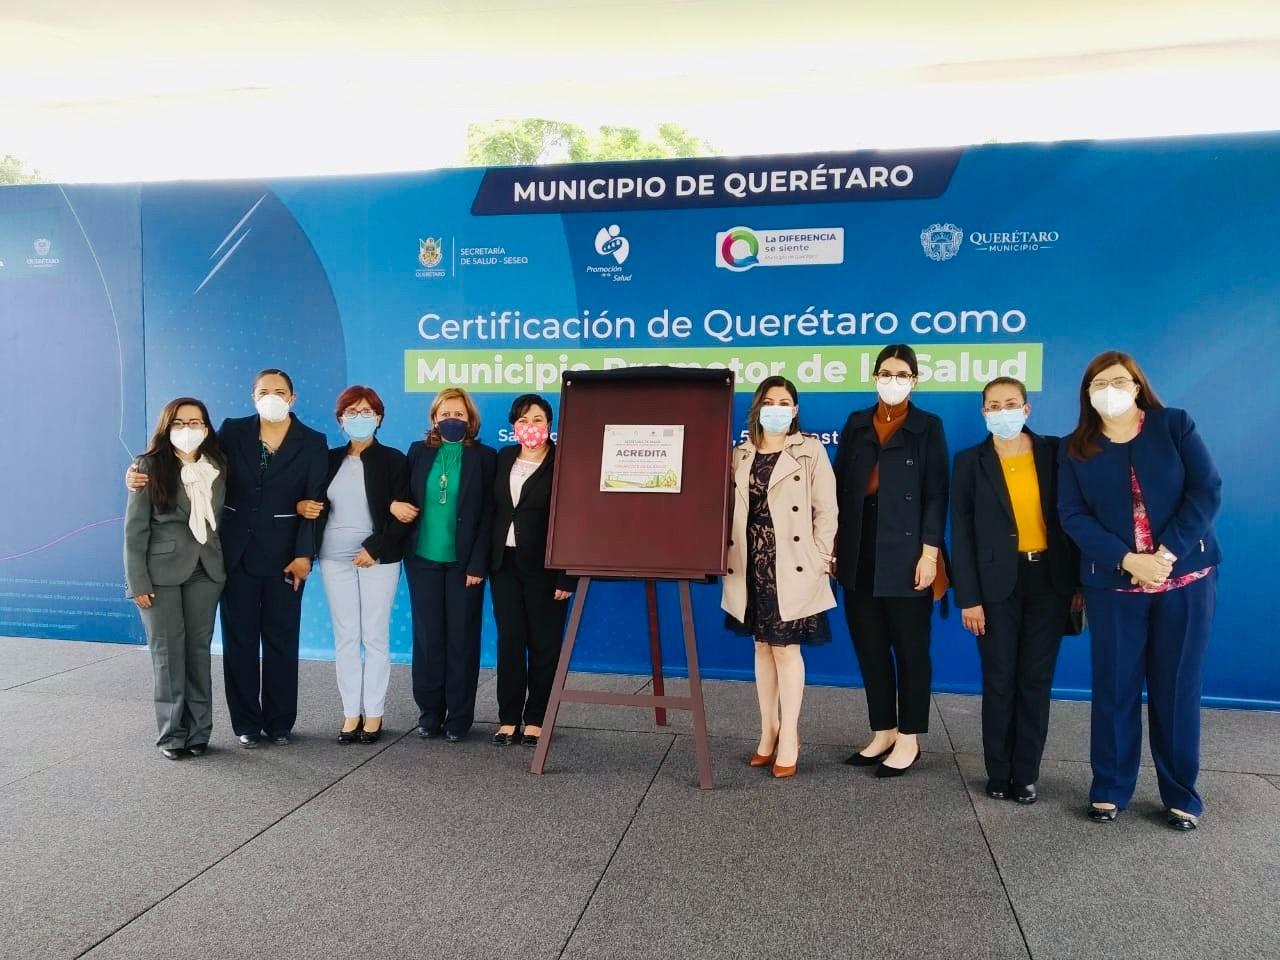 La Secretaría de Salud del estado de Querétaro certificó al municipio de Querétaro como Promotor de Salud